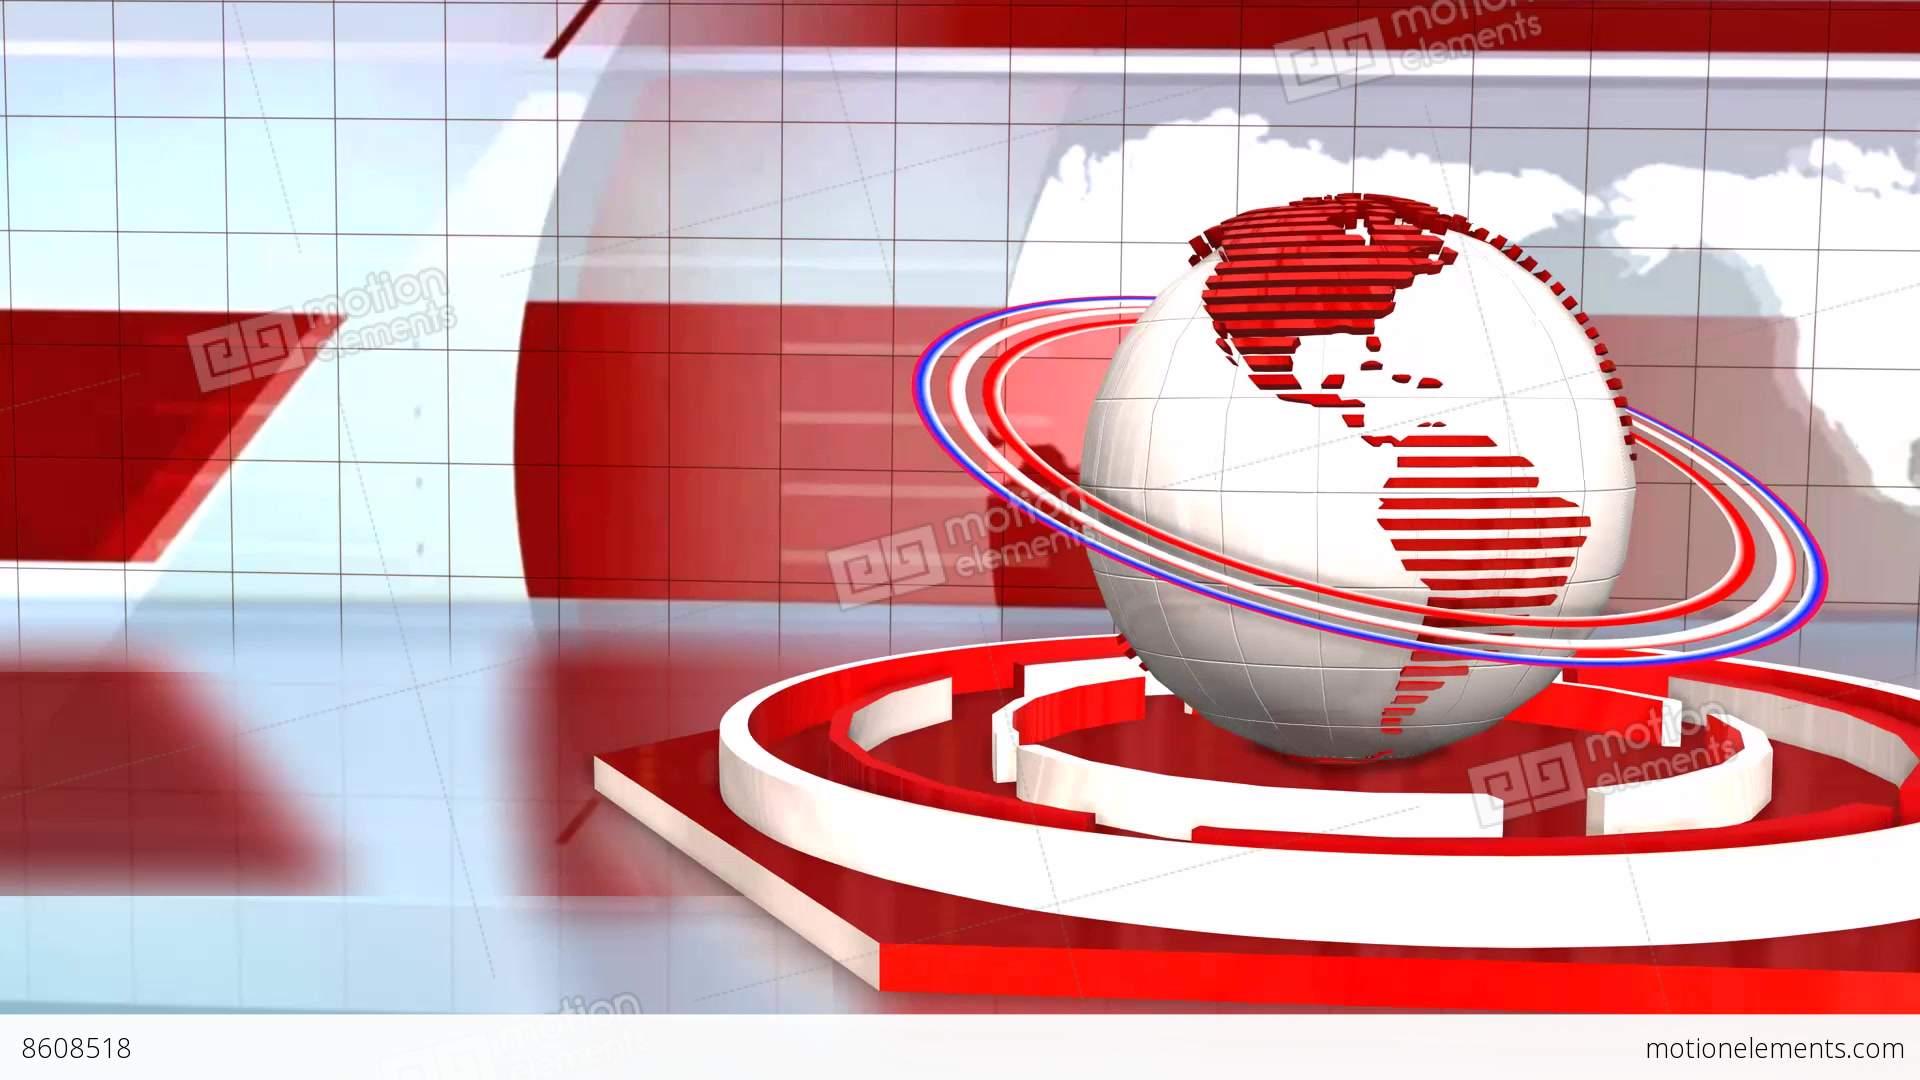 News Broadcast Background World Animation